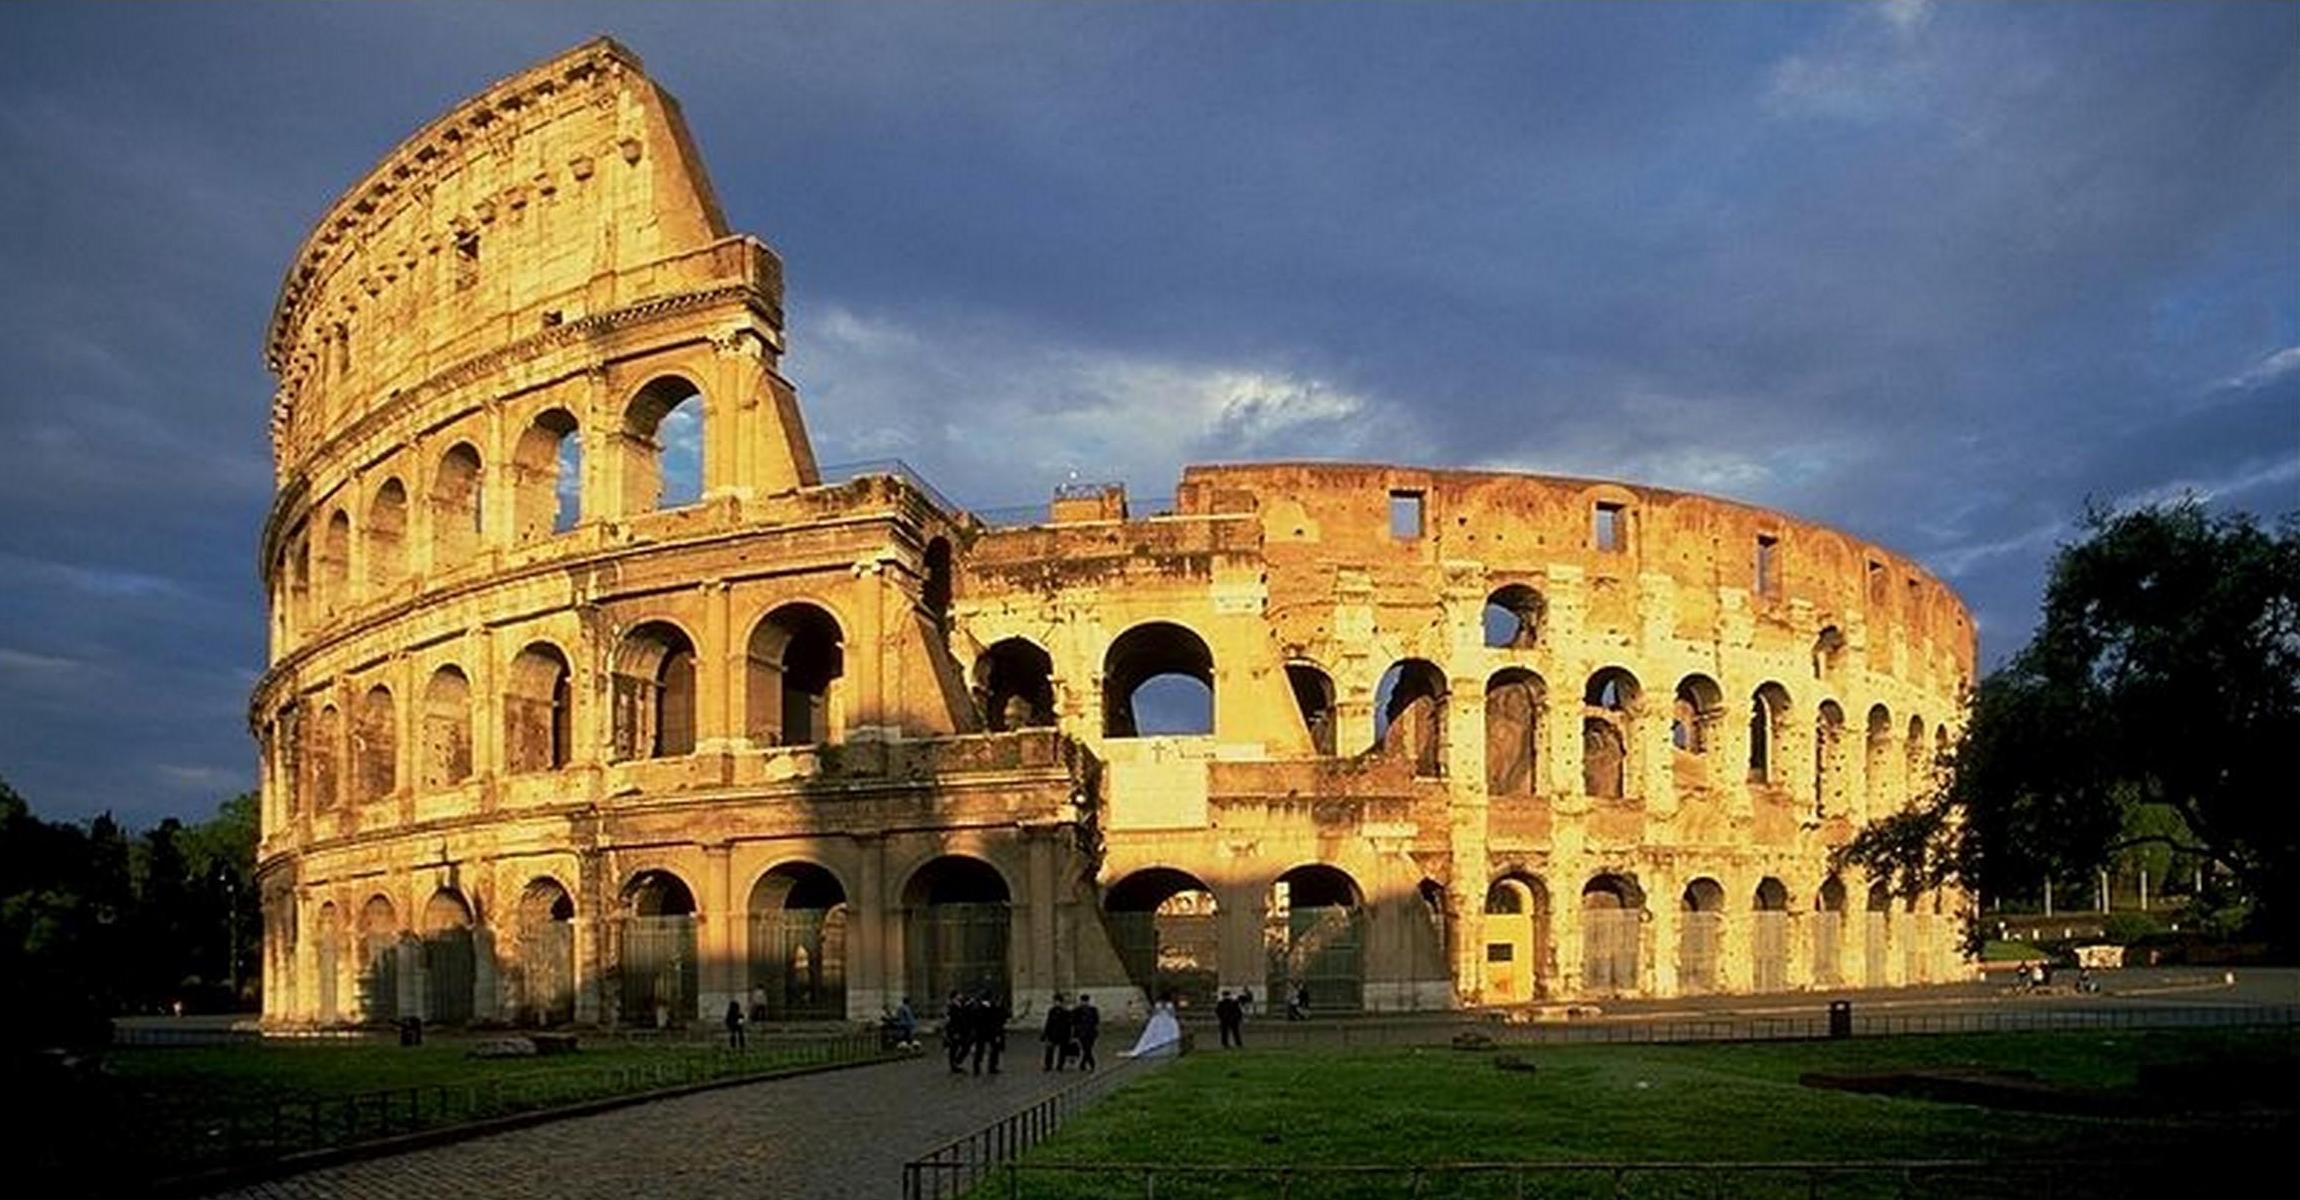 Architecture branding imprinting the imperium romanum wherever thy